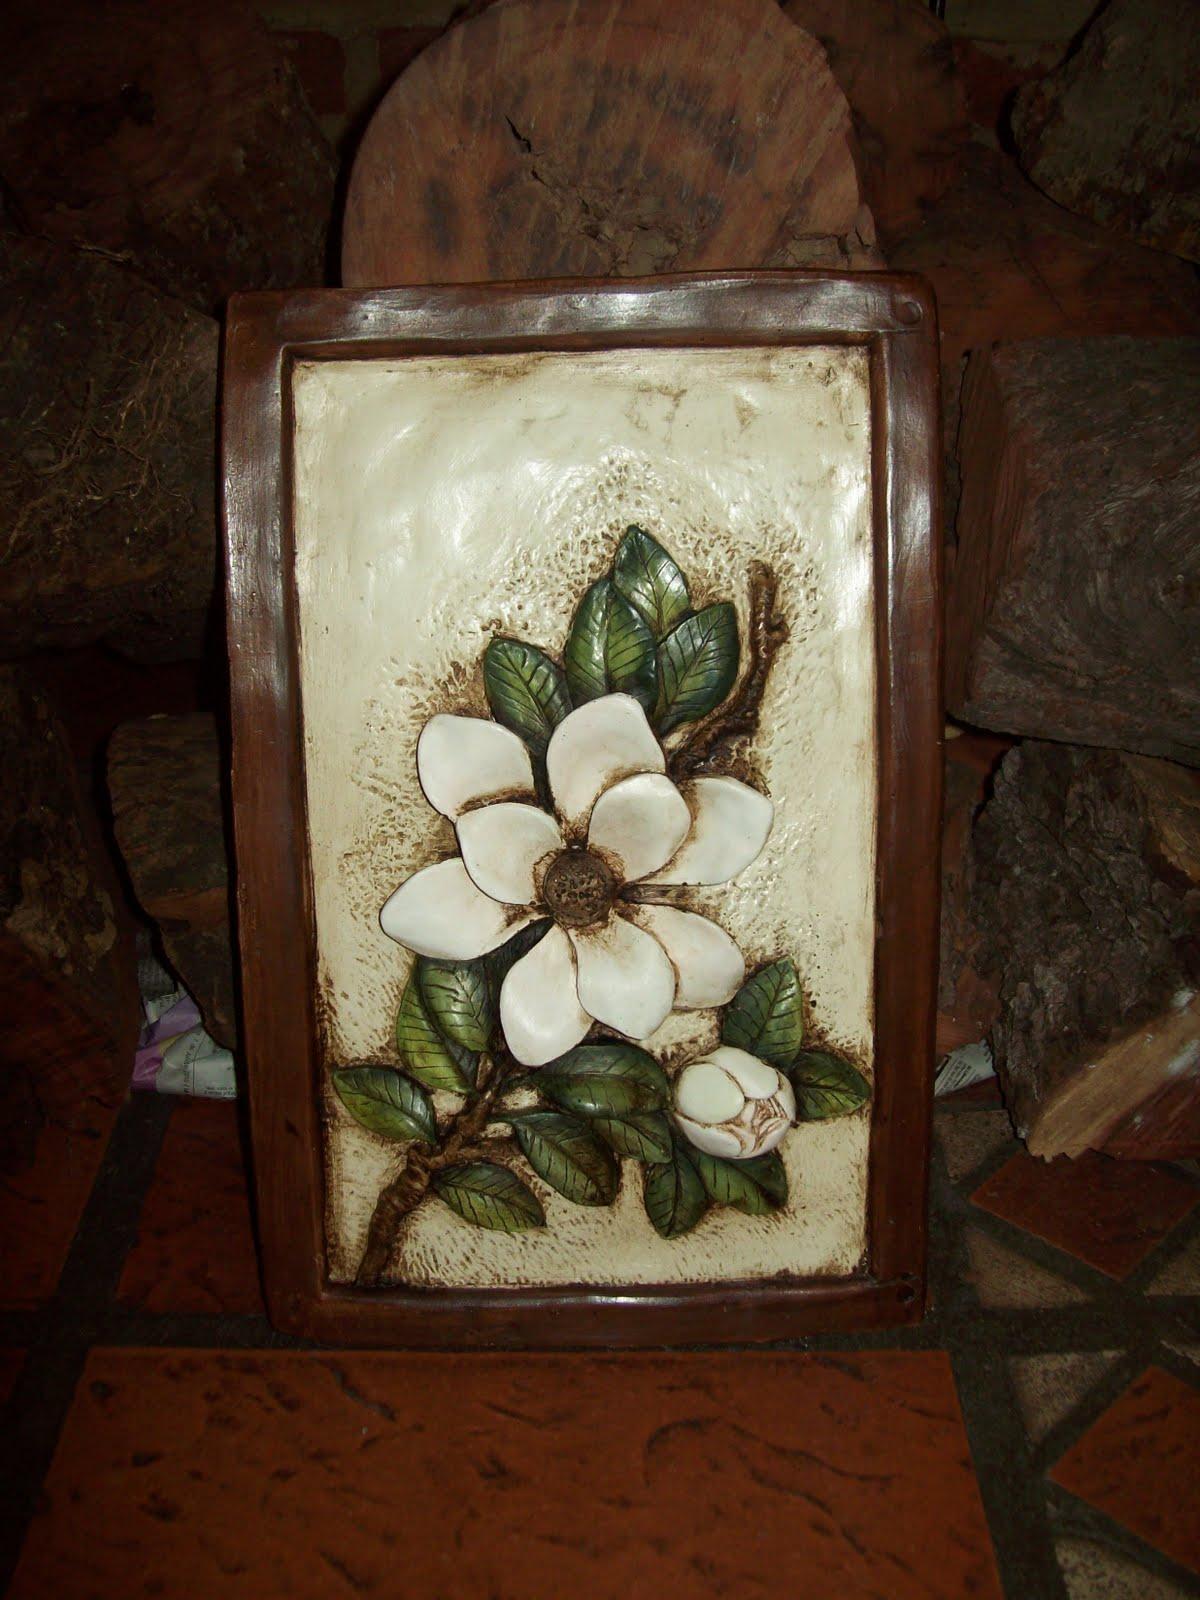 La posada de ema cuadros de flores en relieve - Cuadros en relieve modernos ...